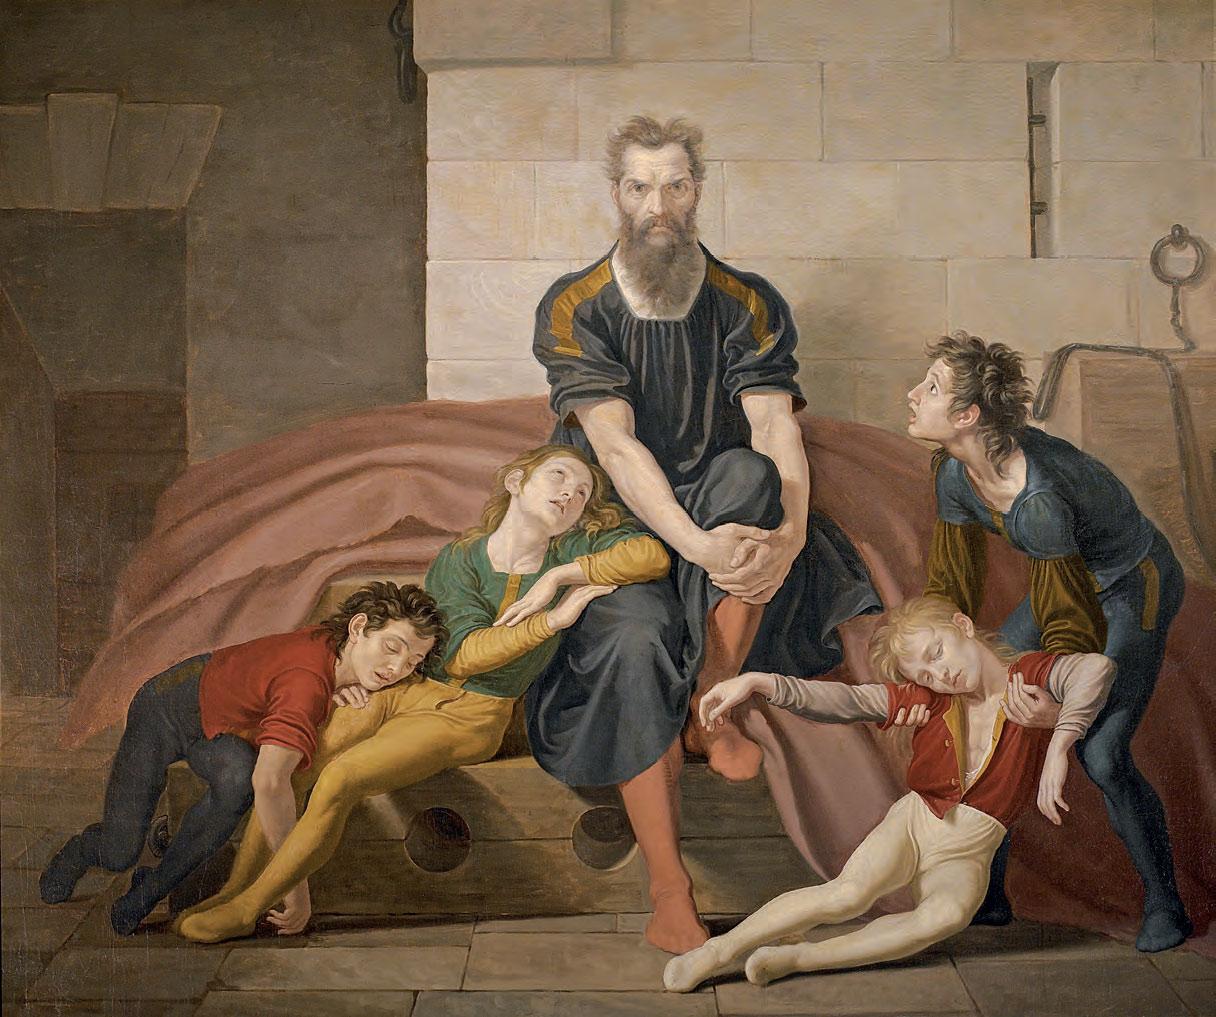 Giuseppe Diotti, Il conte Ugolino nella Torre (1831; circa olio su tela, 173,5 x 207,5 cm; Cremona, Museo Civico Ala Ponzone)